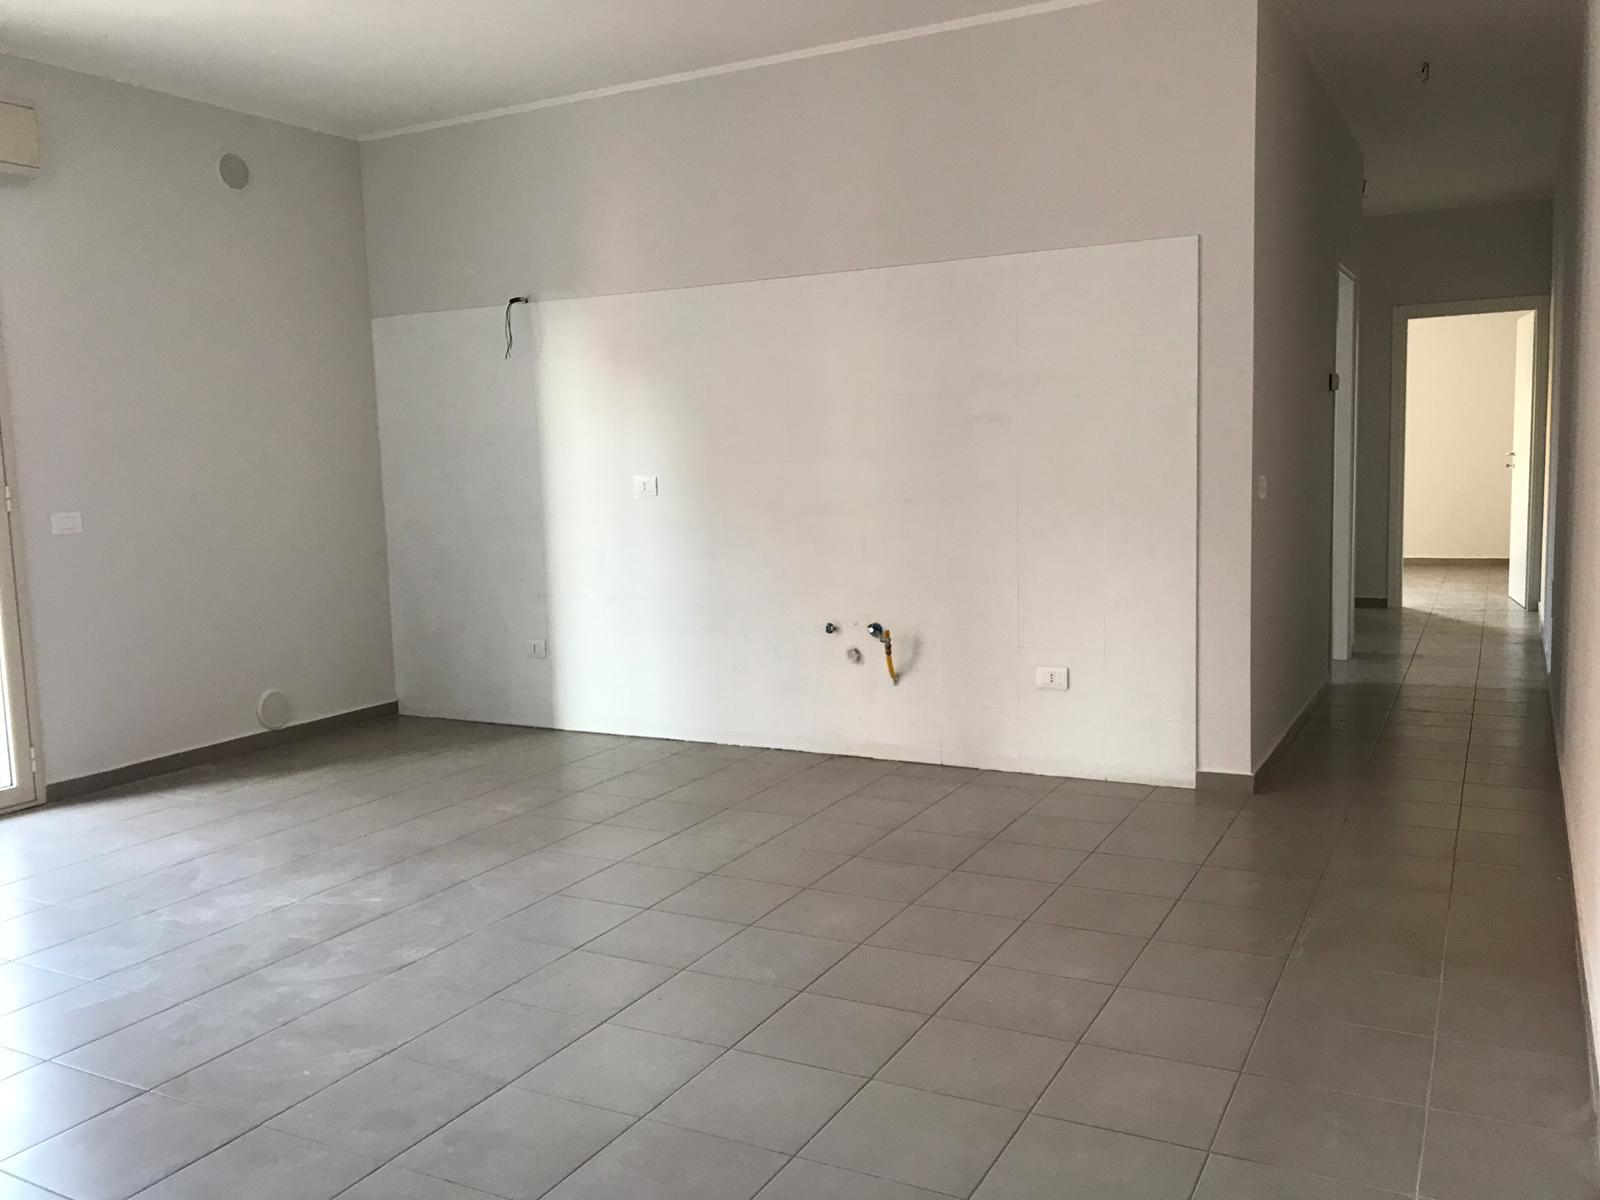 Appartamento ristrutturato in contesto recintato